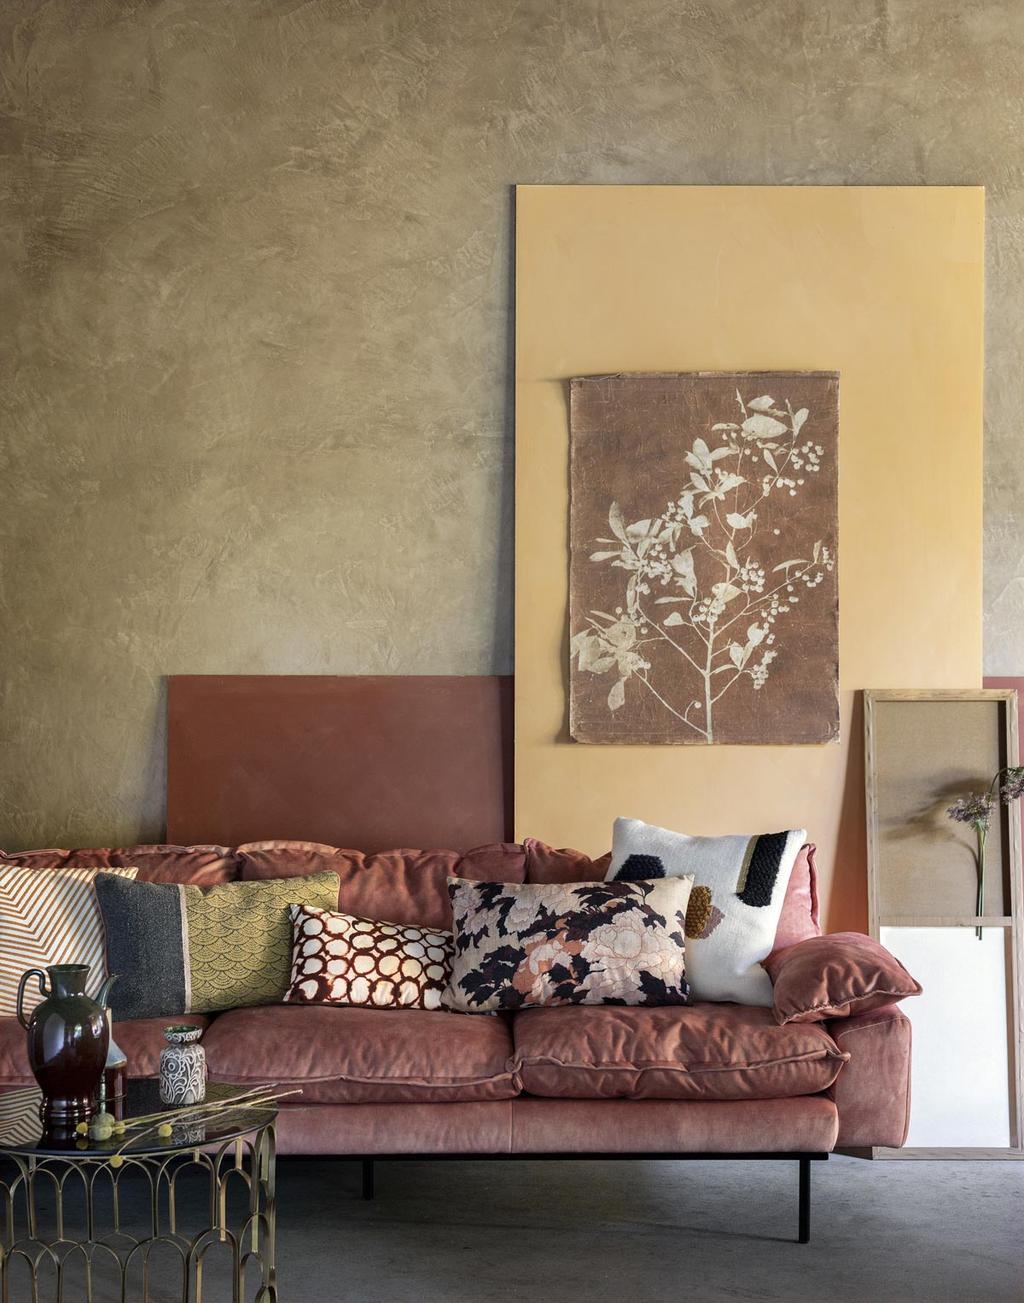 Oud roze bank met zachtgele kleuren en kussens in verschillende prints voor een happy place.